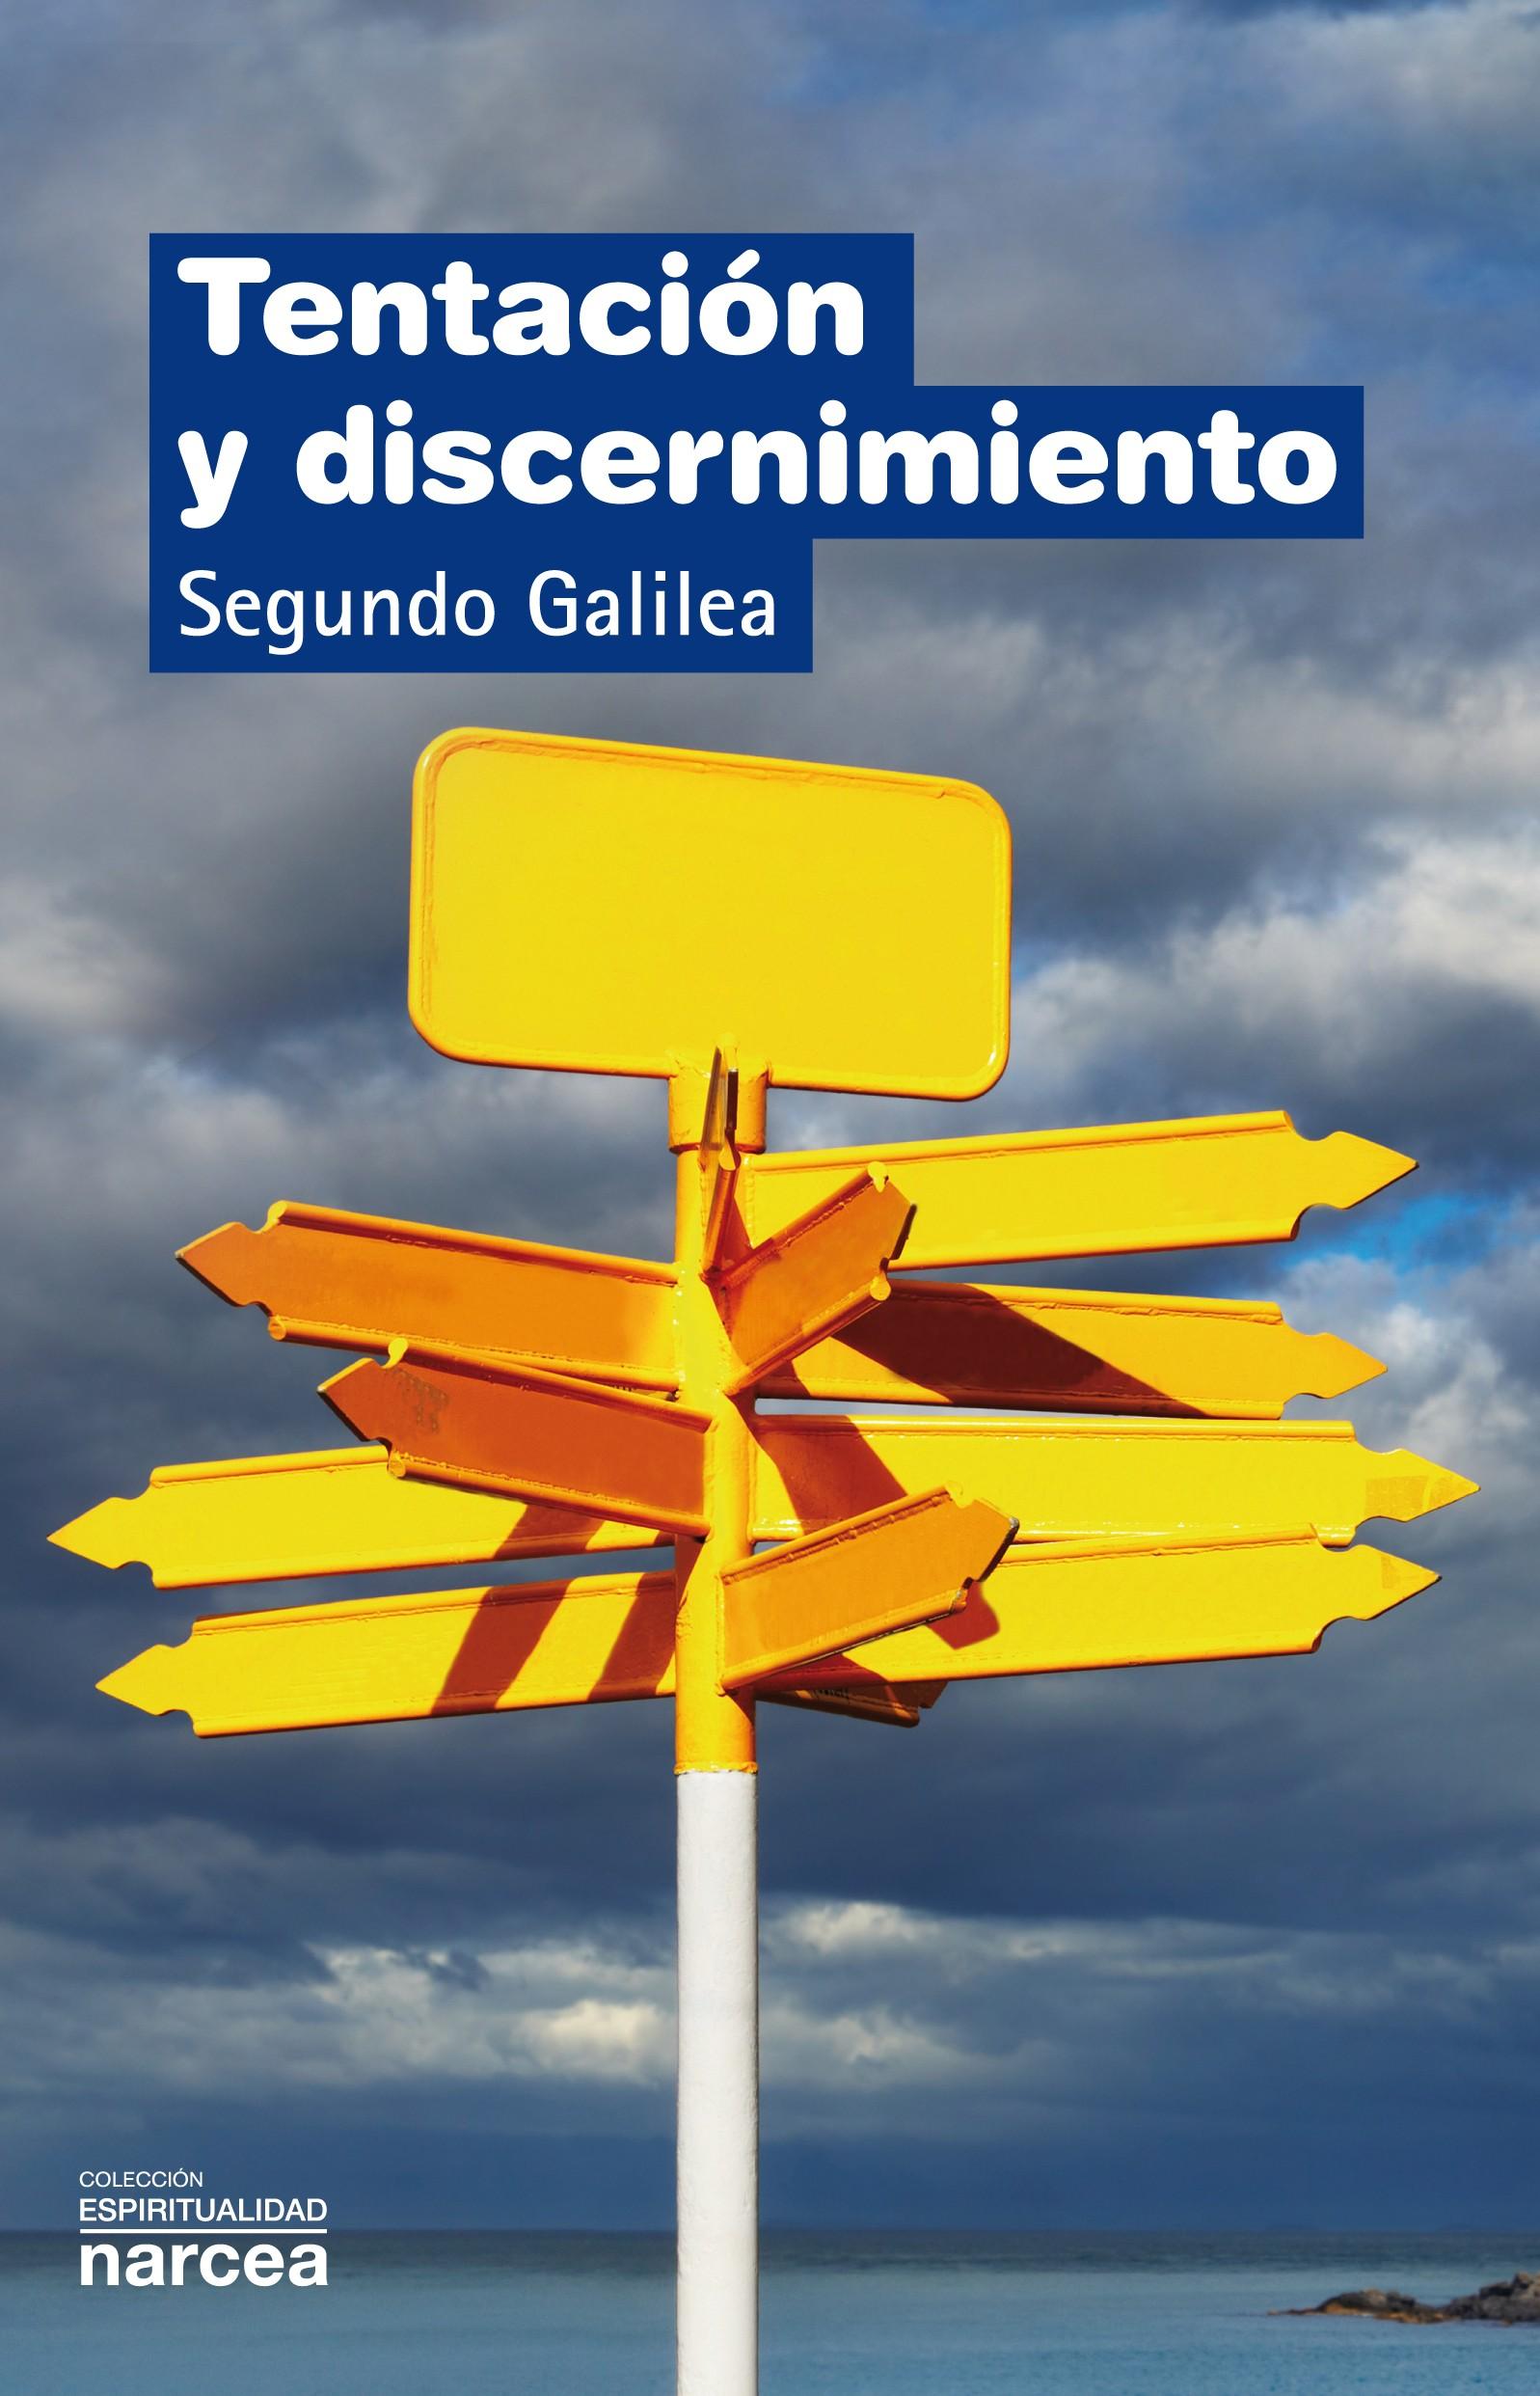 Tentación y discernimiento